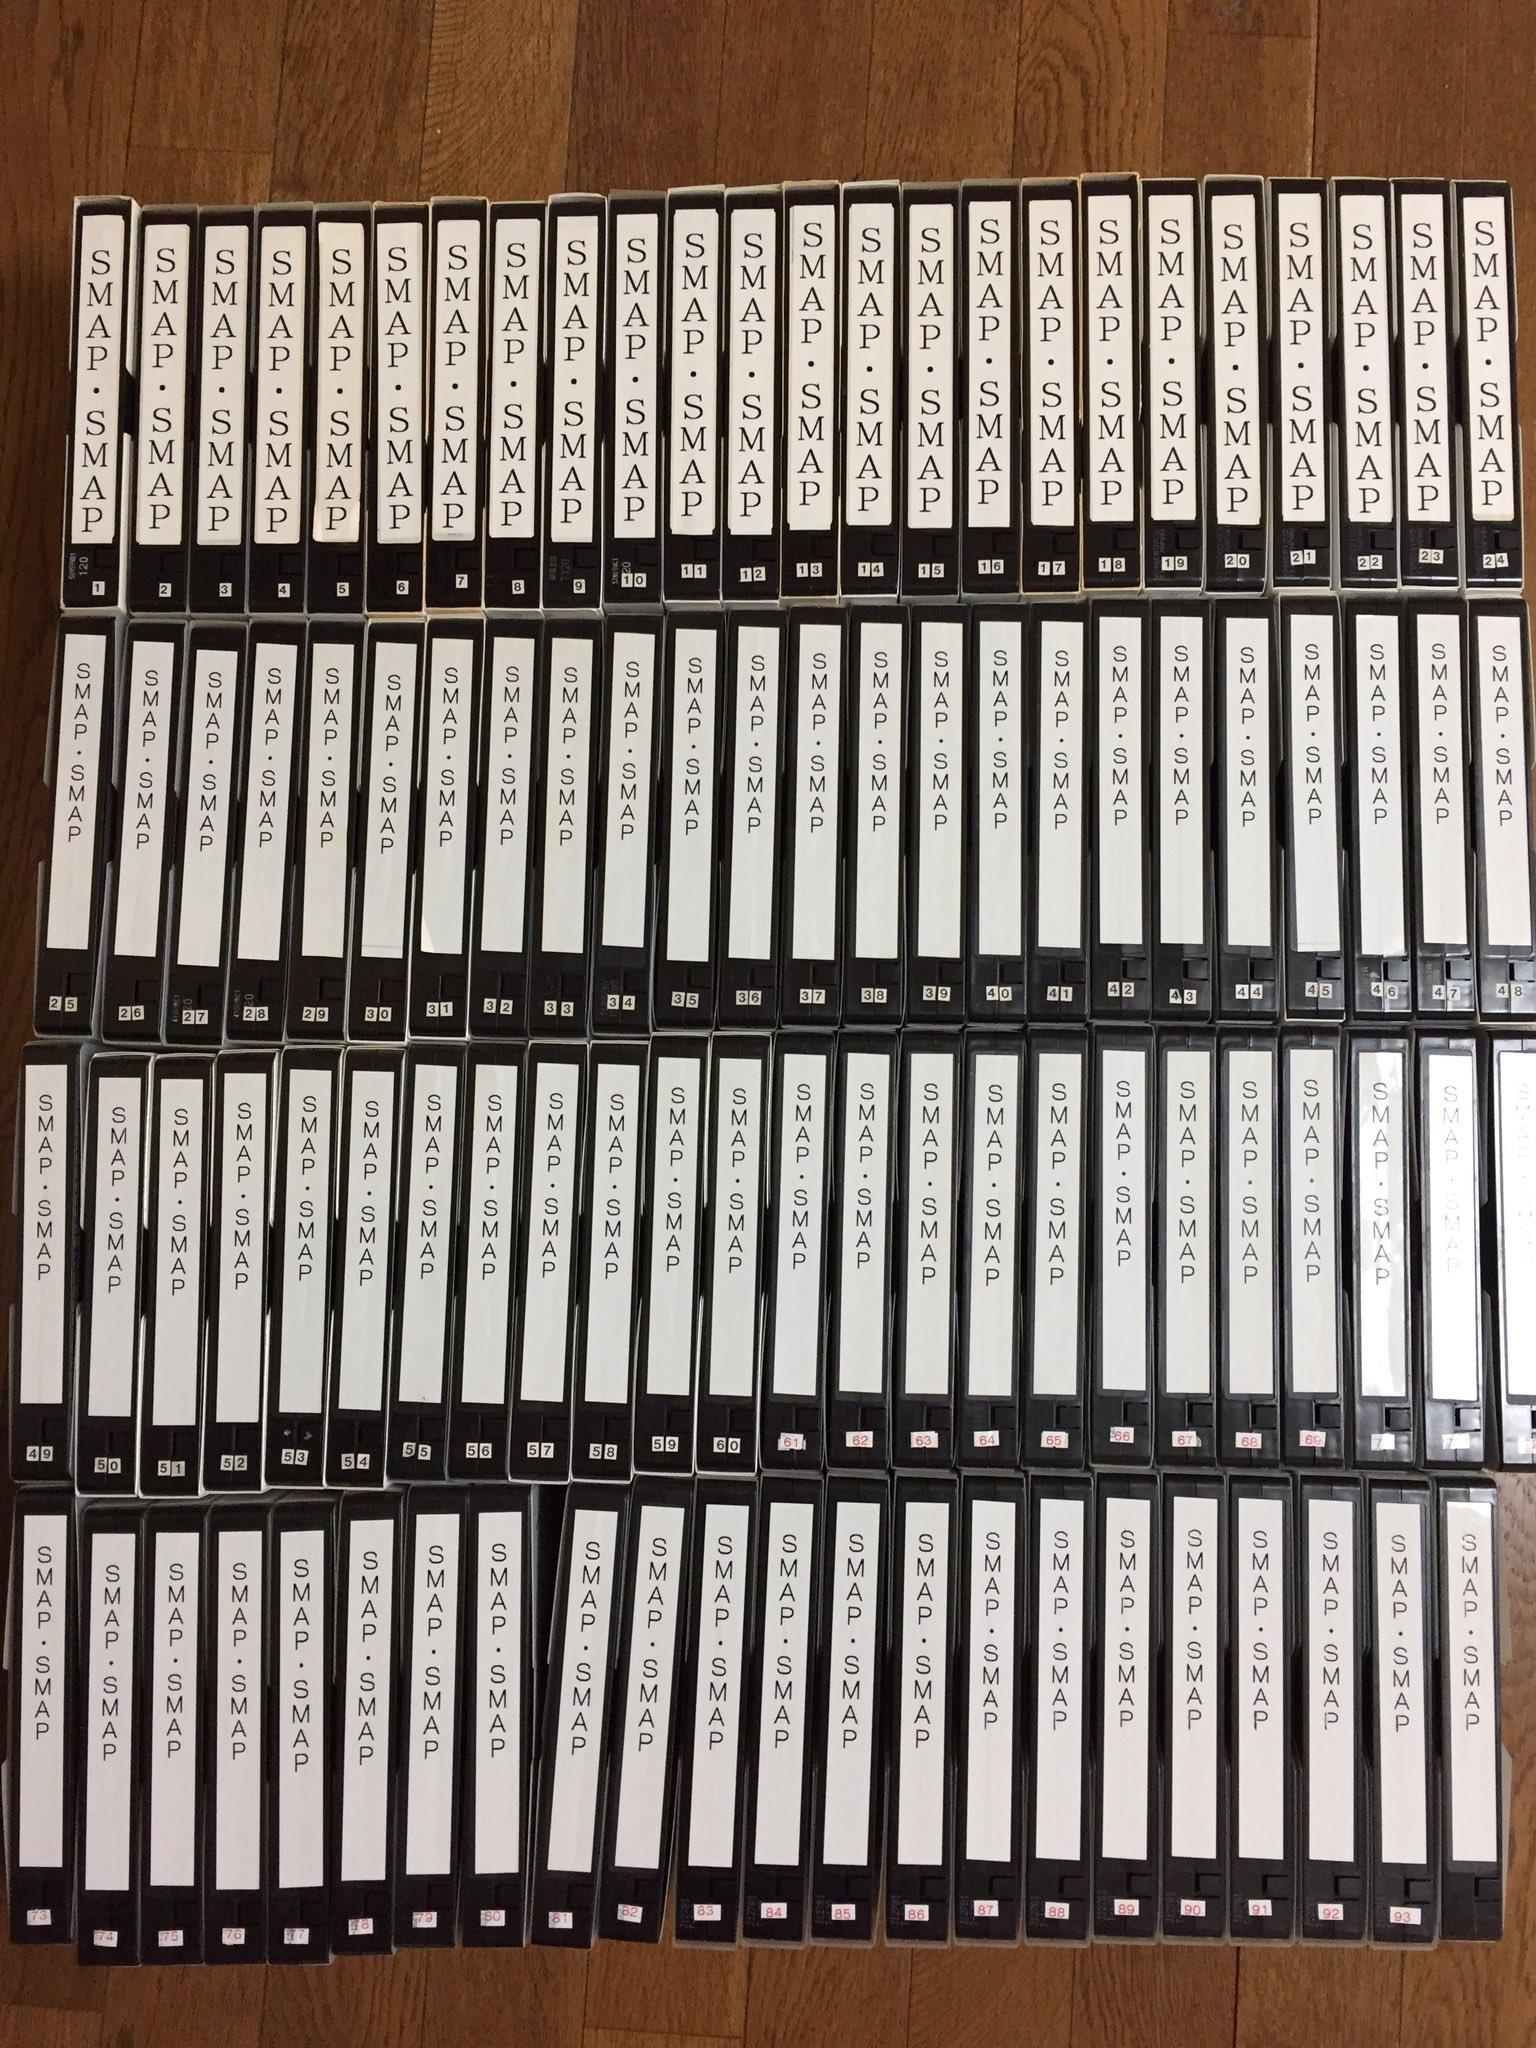 これが20年だぞ!! (ビデオ時代7回ほど延長とかで撮れてないけど^^;)ビデオ94本 DVD85枚 あたしのスマスマ人生 #SMAP  #スマスマ #スマスマ最終回